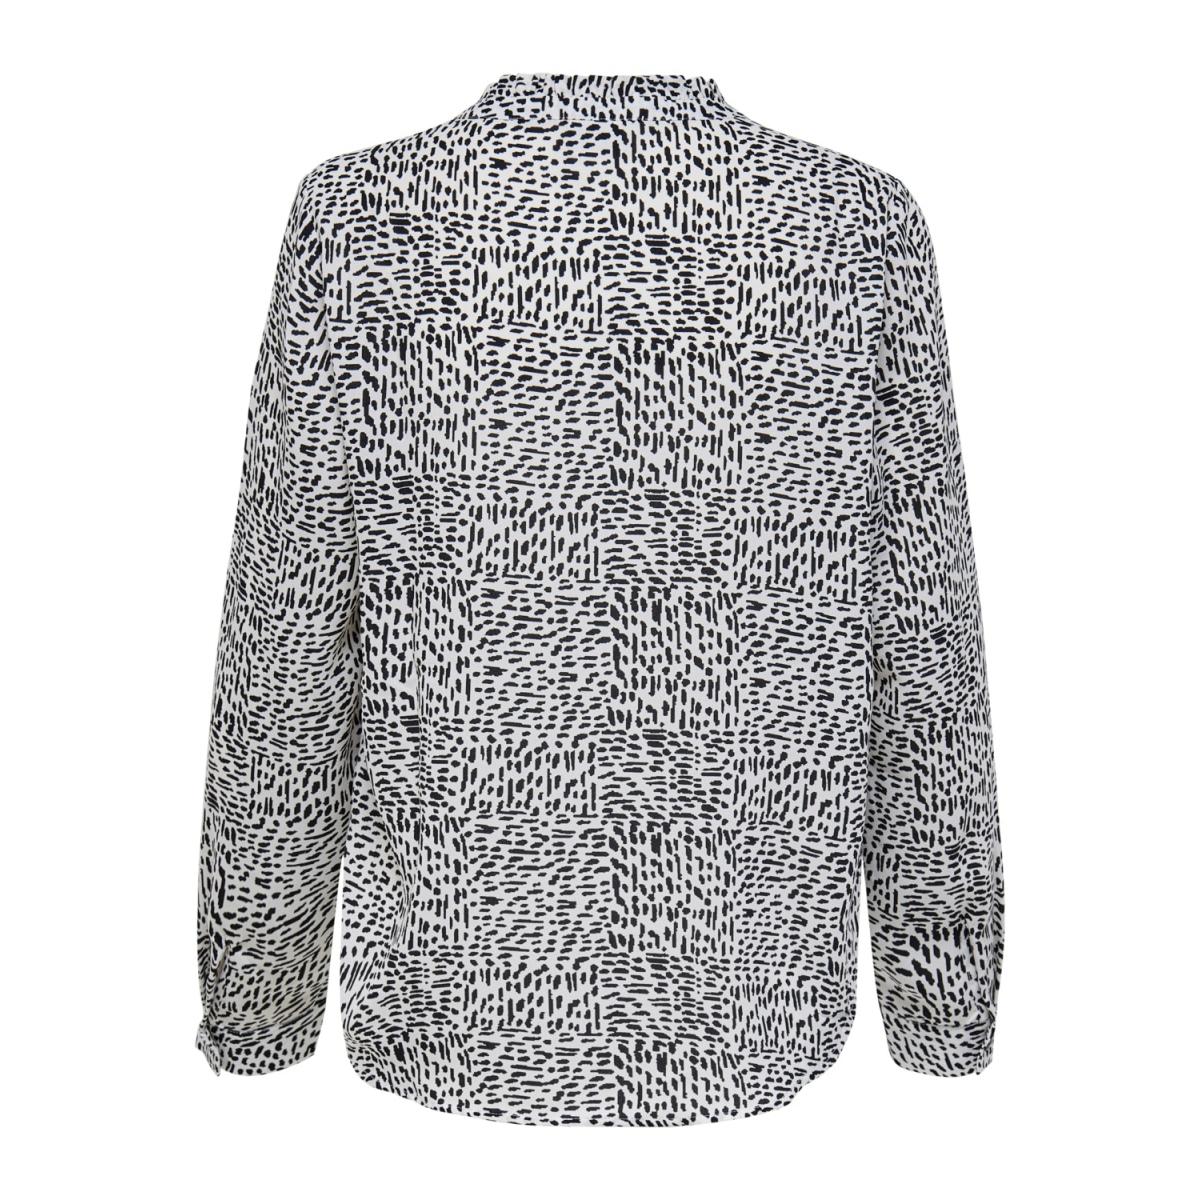 jdymonica l/s placket shirt wvn 15208748 jacqueline de yong blouse cloud dancer/black spla